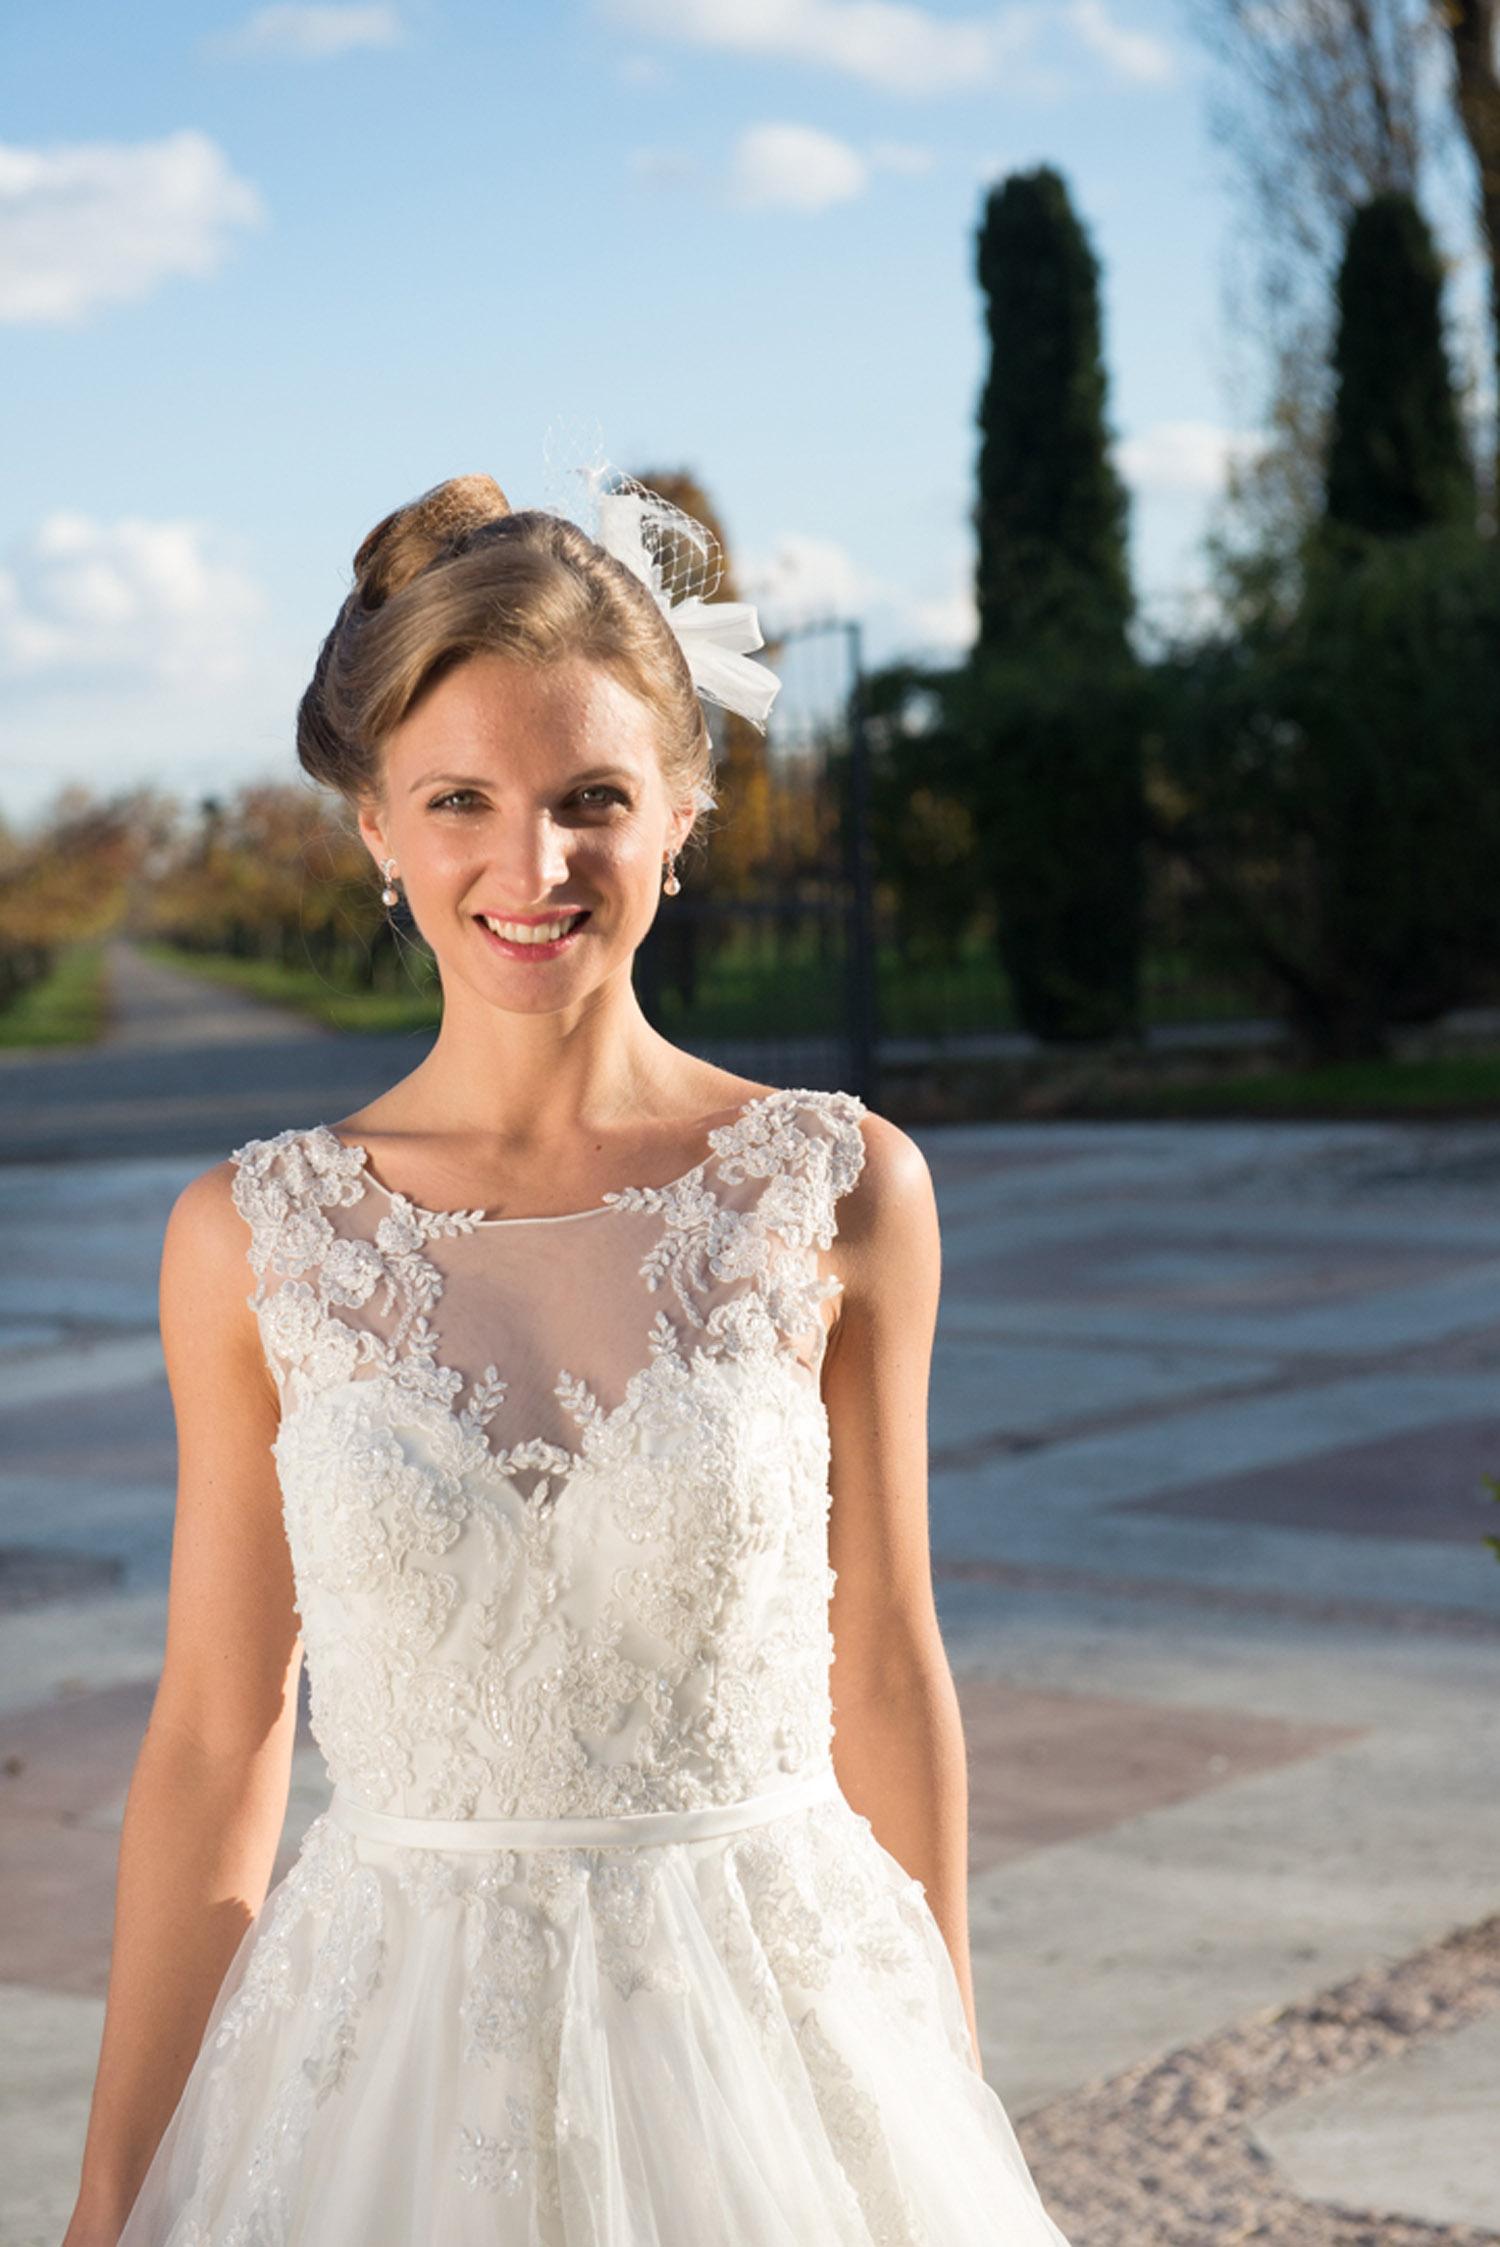 24-Atelier-Sposa-Matrimonio-provincia-di-Treviso